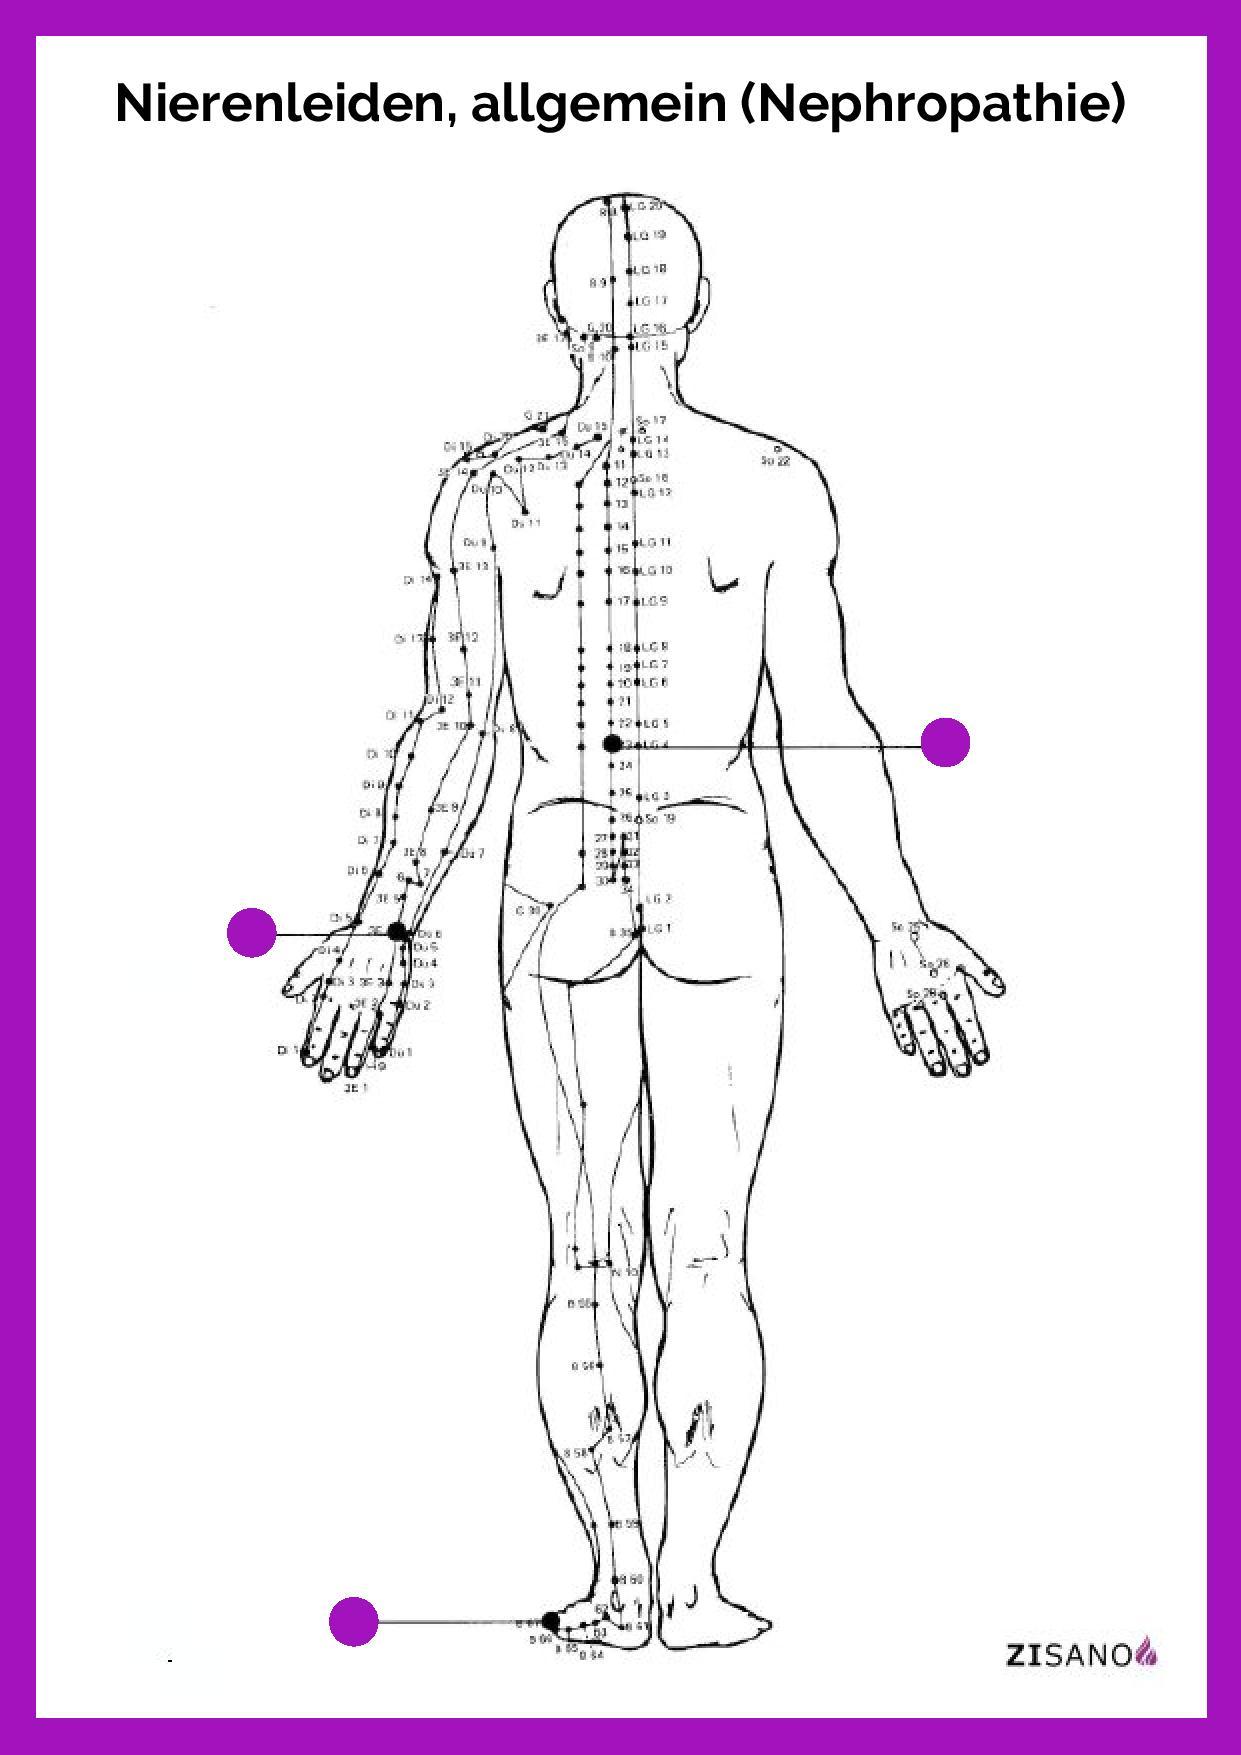 Meridiane - Nierenleiden allgemein - Nephropathie